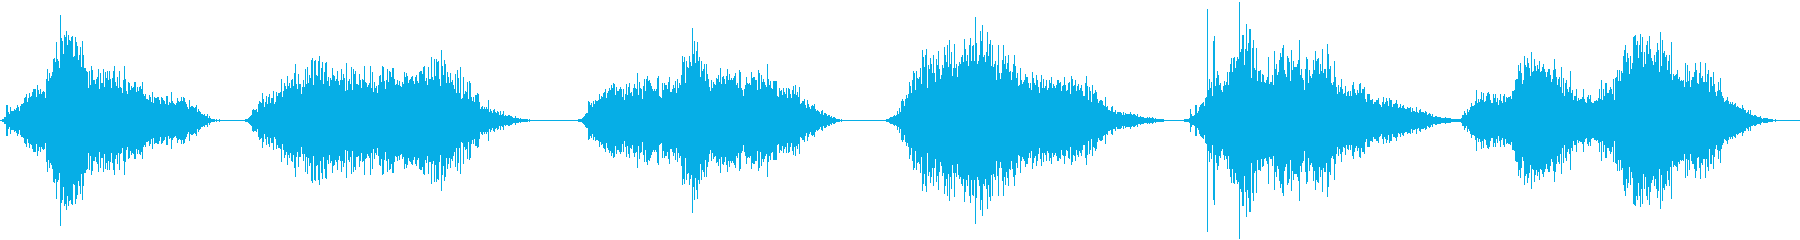 ガーリングブレスクリーチャーヒス&呼吸の再生済みの波形